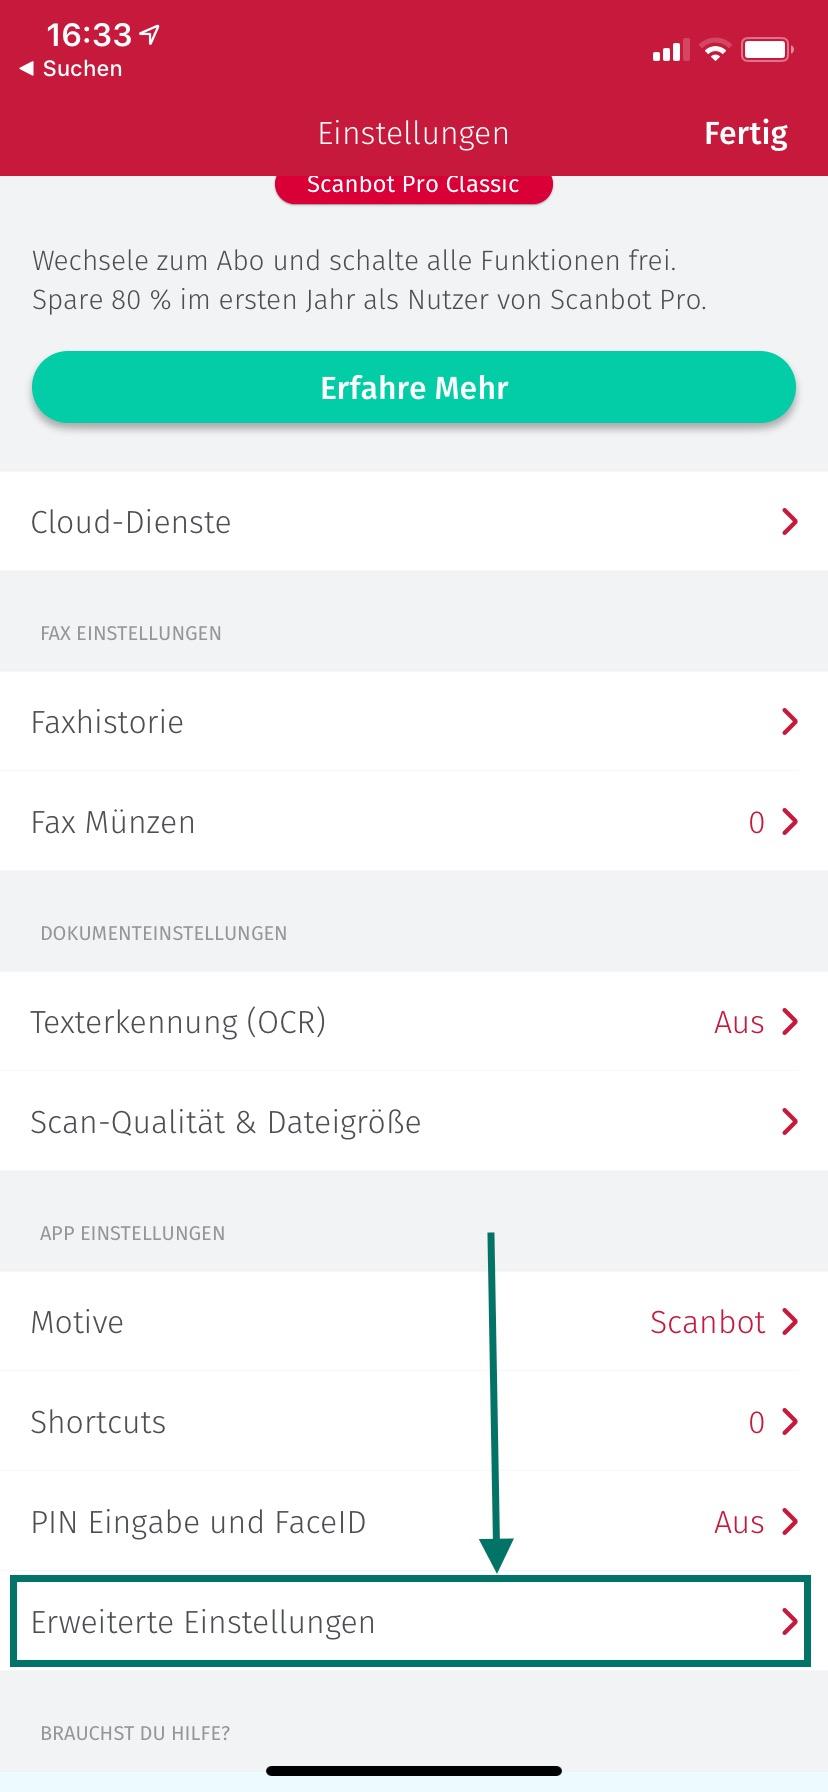 Einrichten der Scanbot App & erster Scan - solvi Knowledge Base